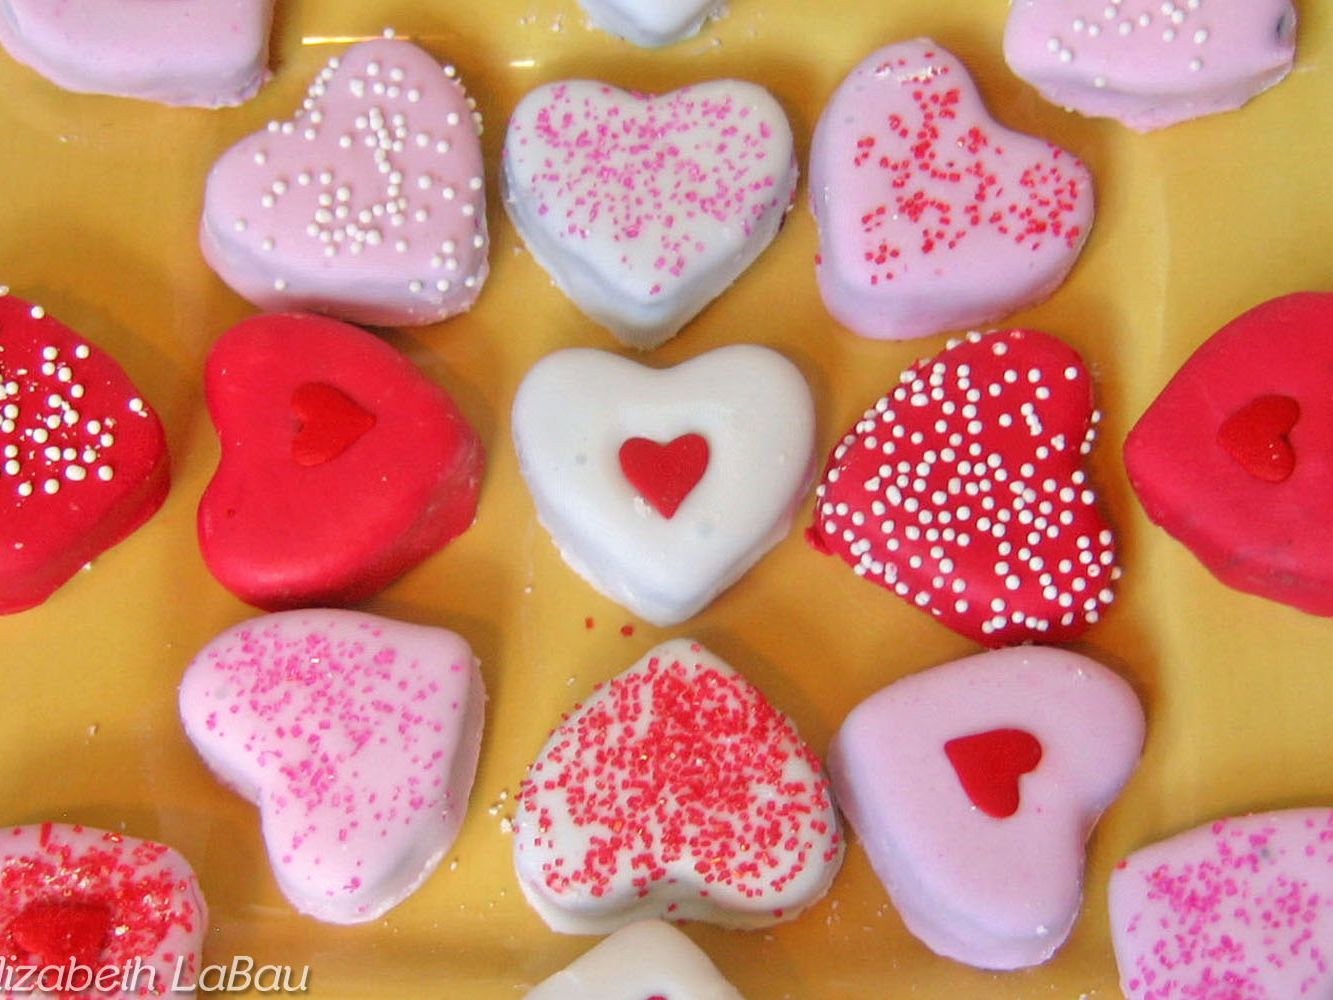 fudge hearts 5684e08c5f9b586a9e1031c4